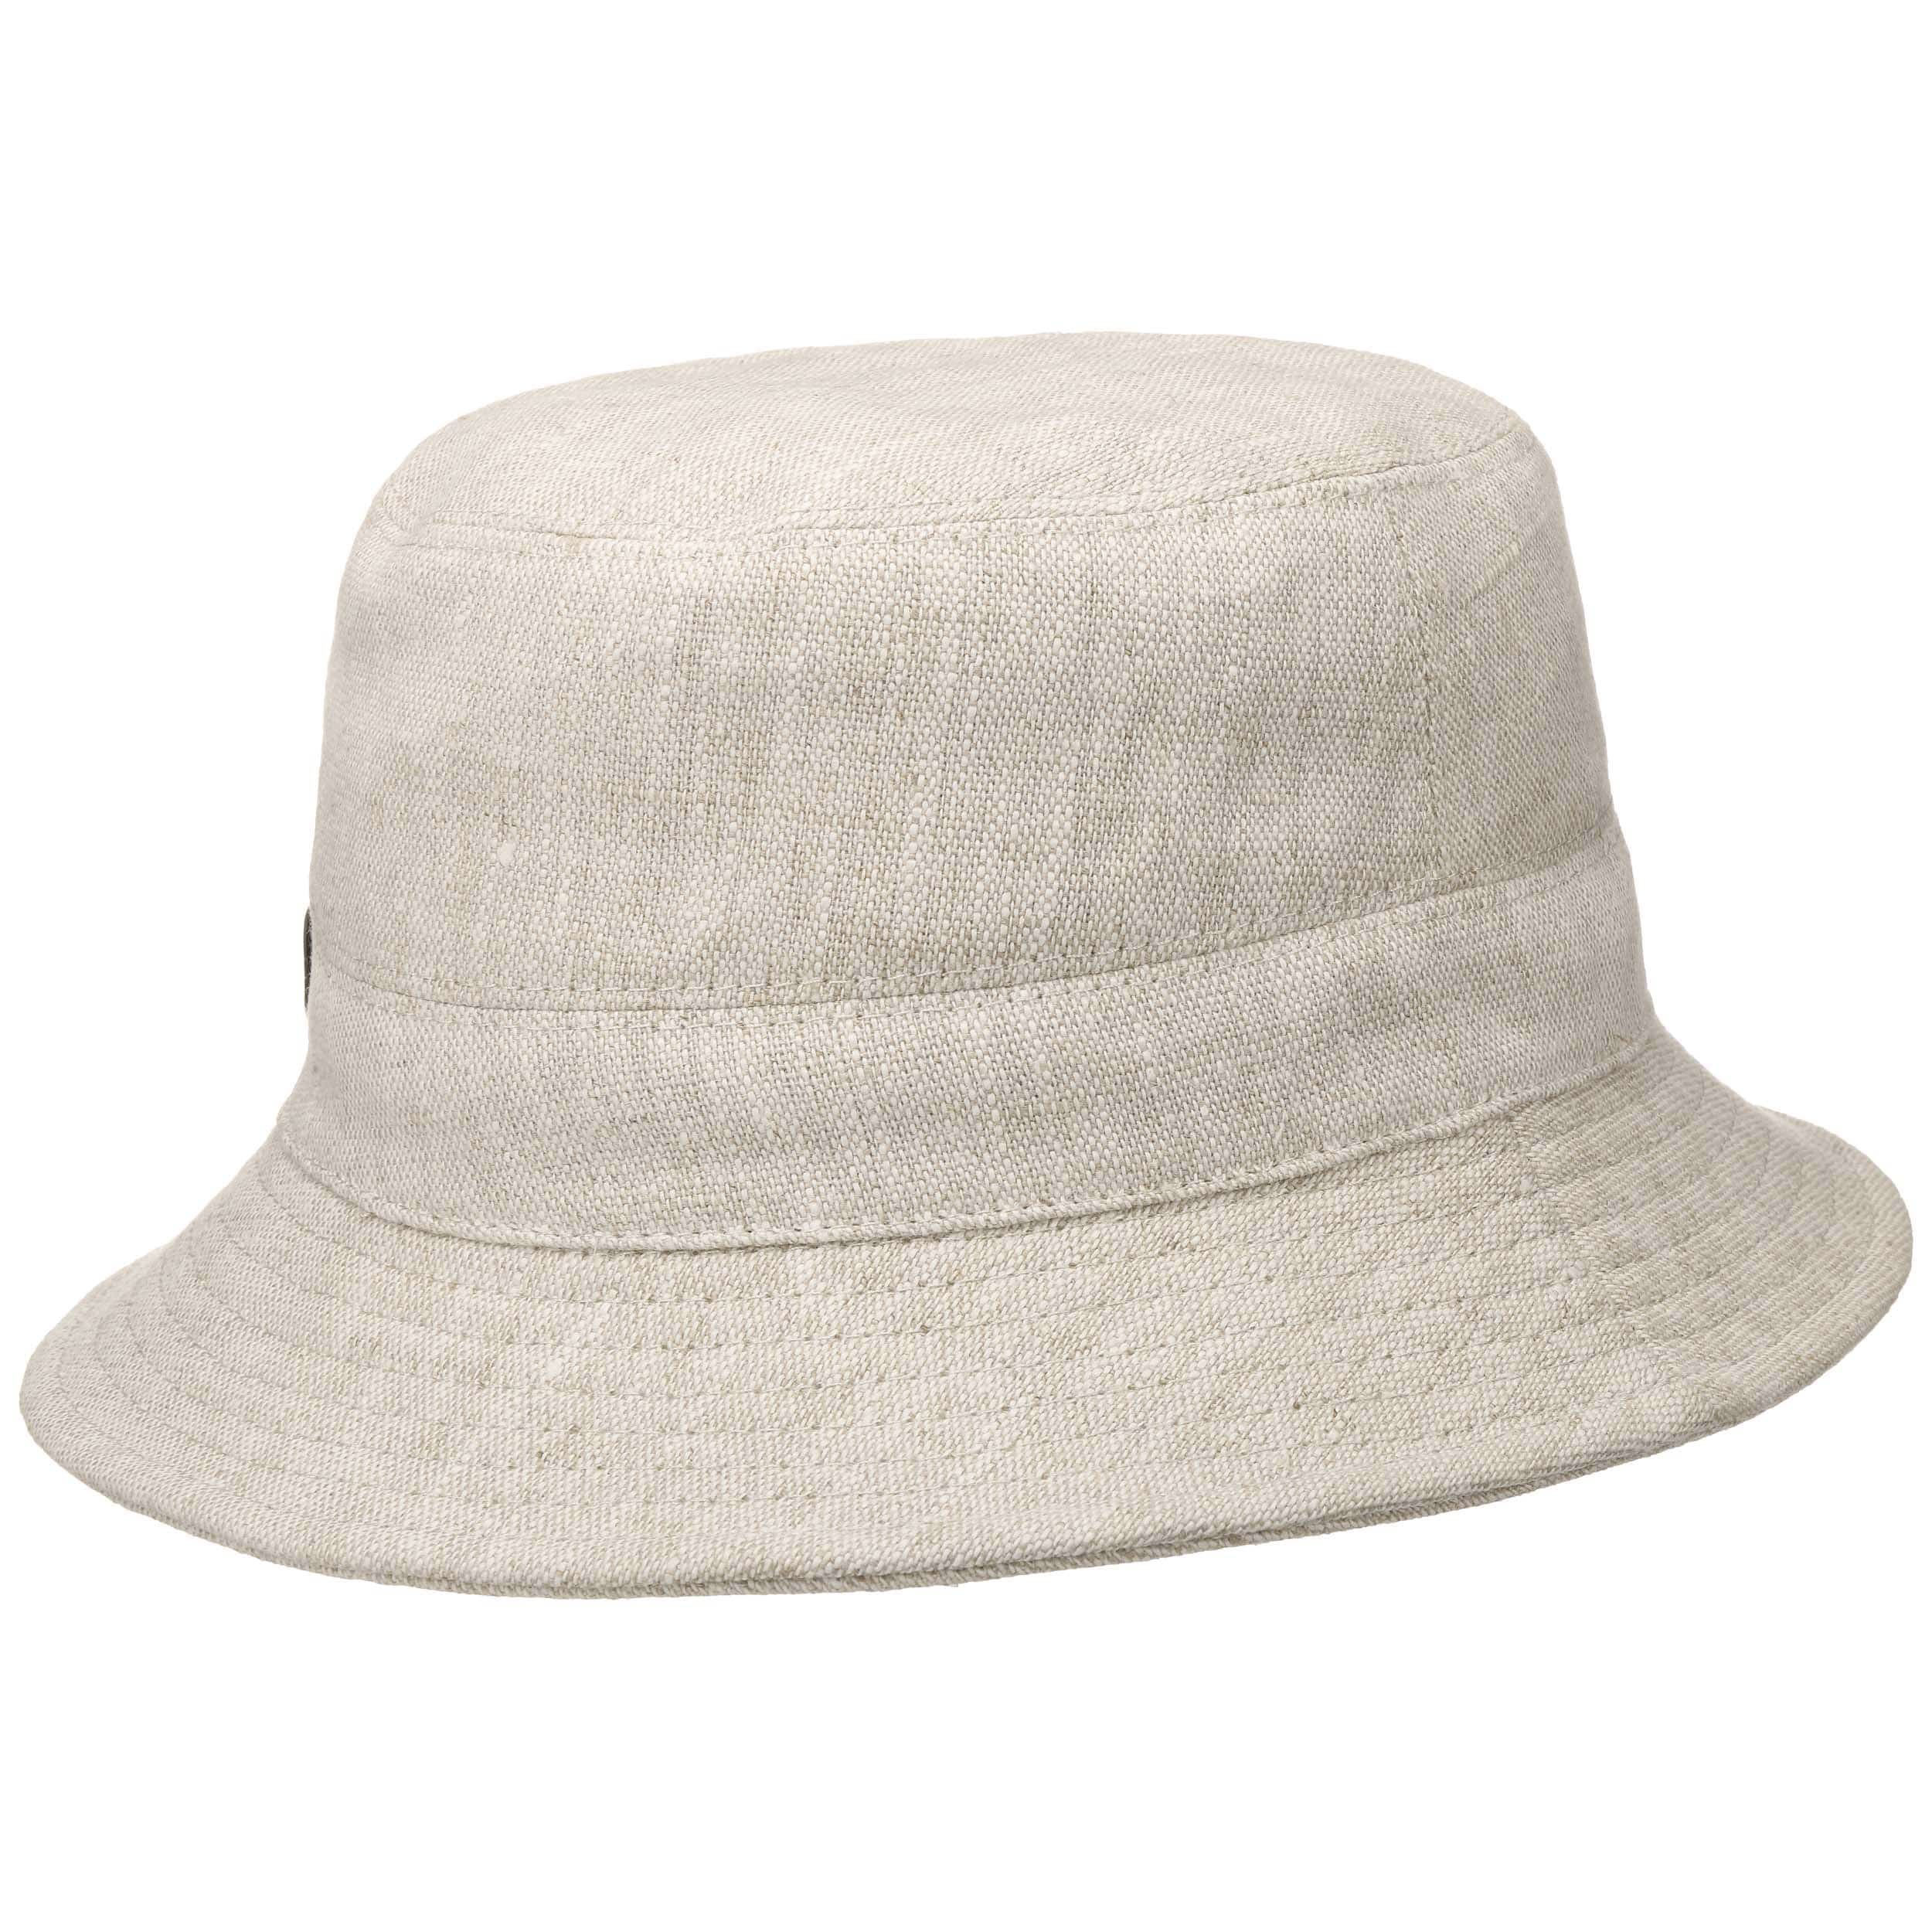 84bffe7e ... Linen Fishing Hat by Lierys - beige 3 ...